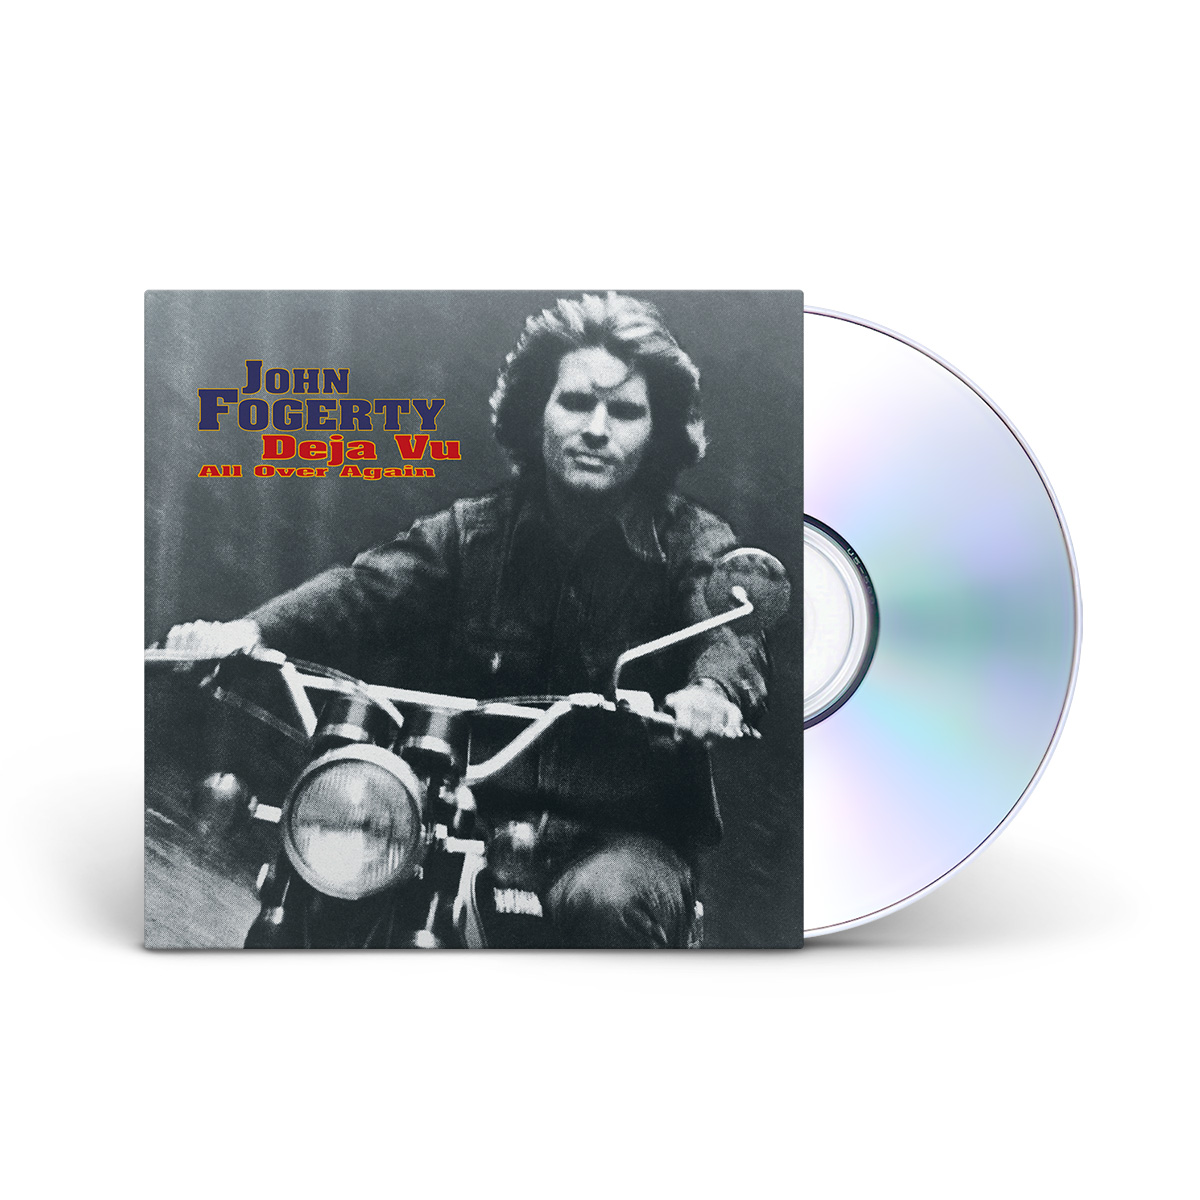 John Fogerty - Deja Vu (All Over Again) CD